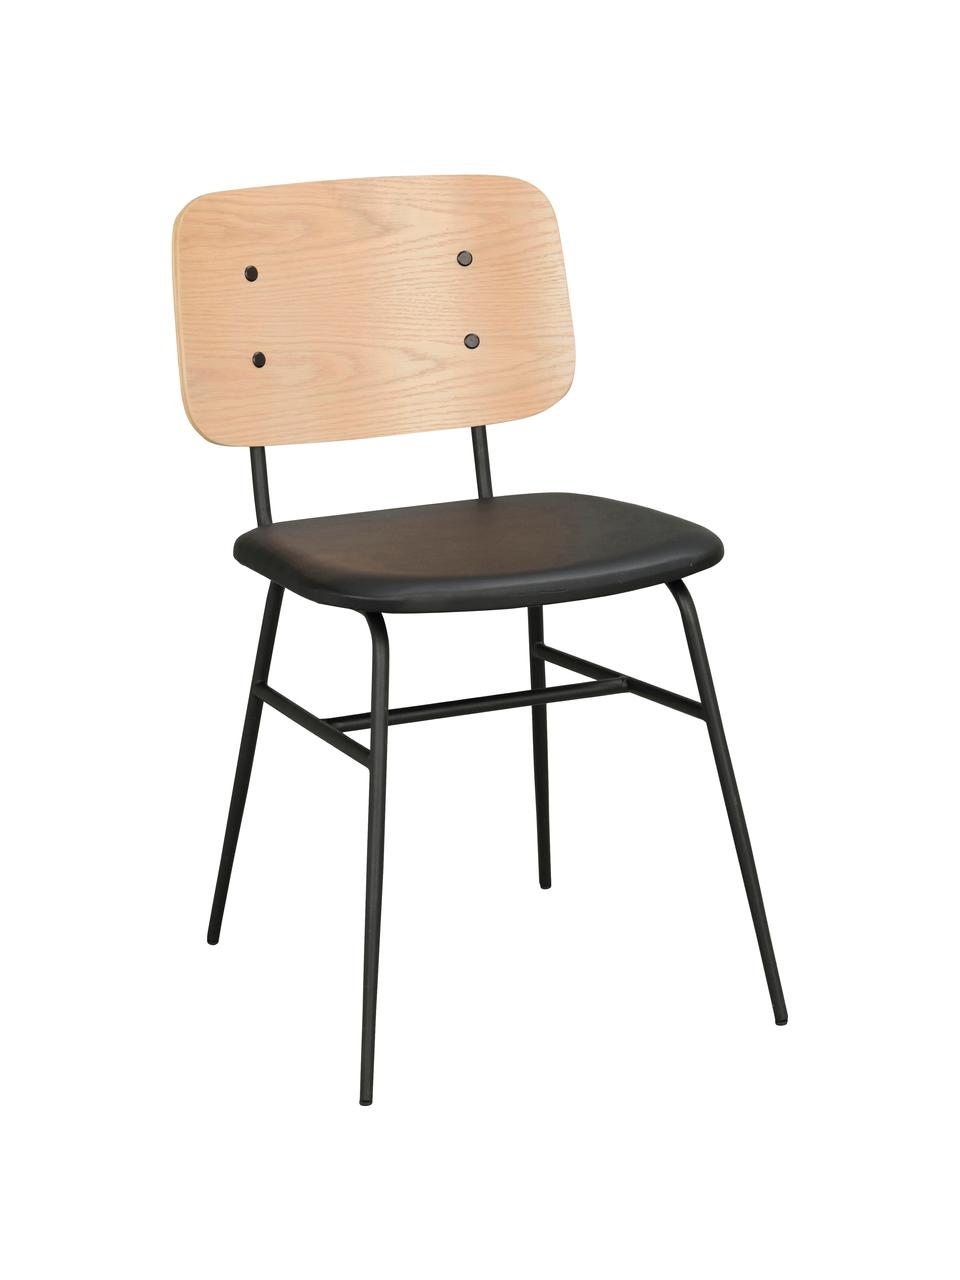 Sedia in legno Brent, Seduta: similpelle (poliuretano), Struttura: metallo verniciato, Legno di quercia, Larg. 47 x Prof. 57 cm